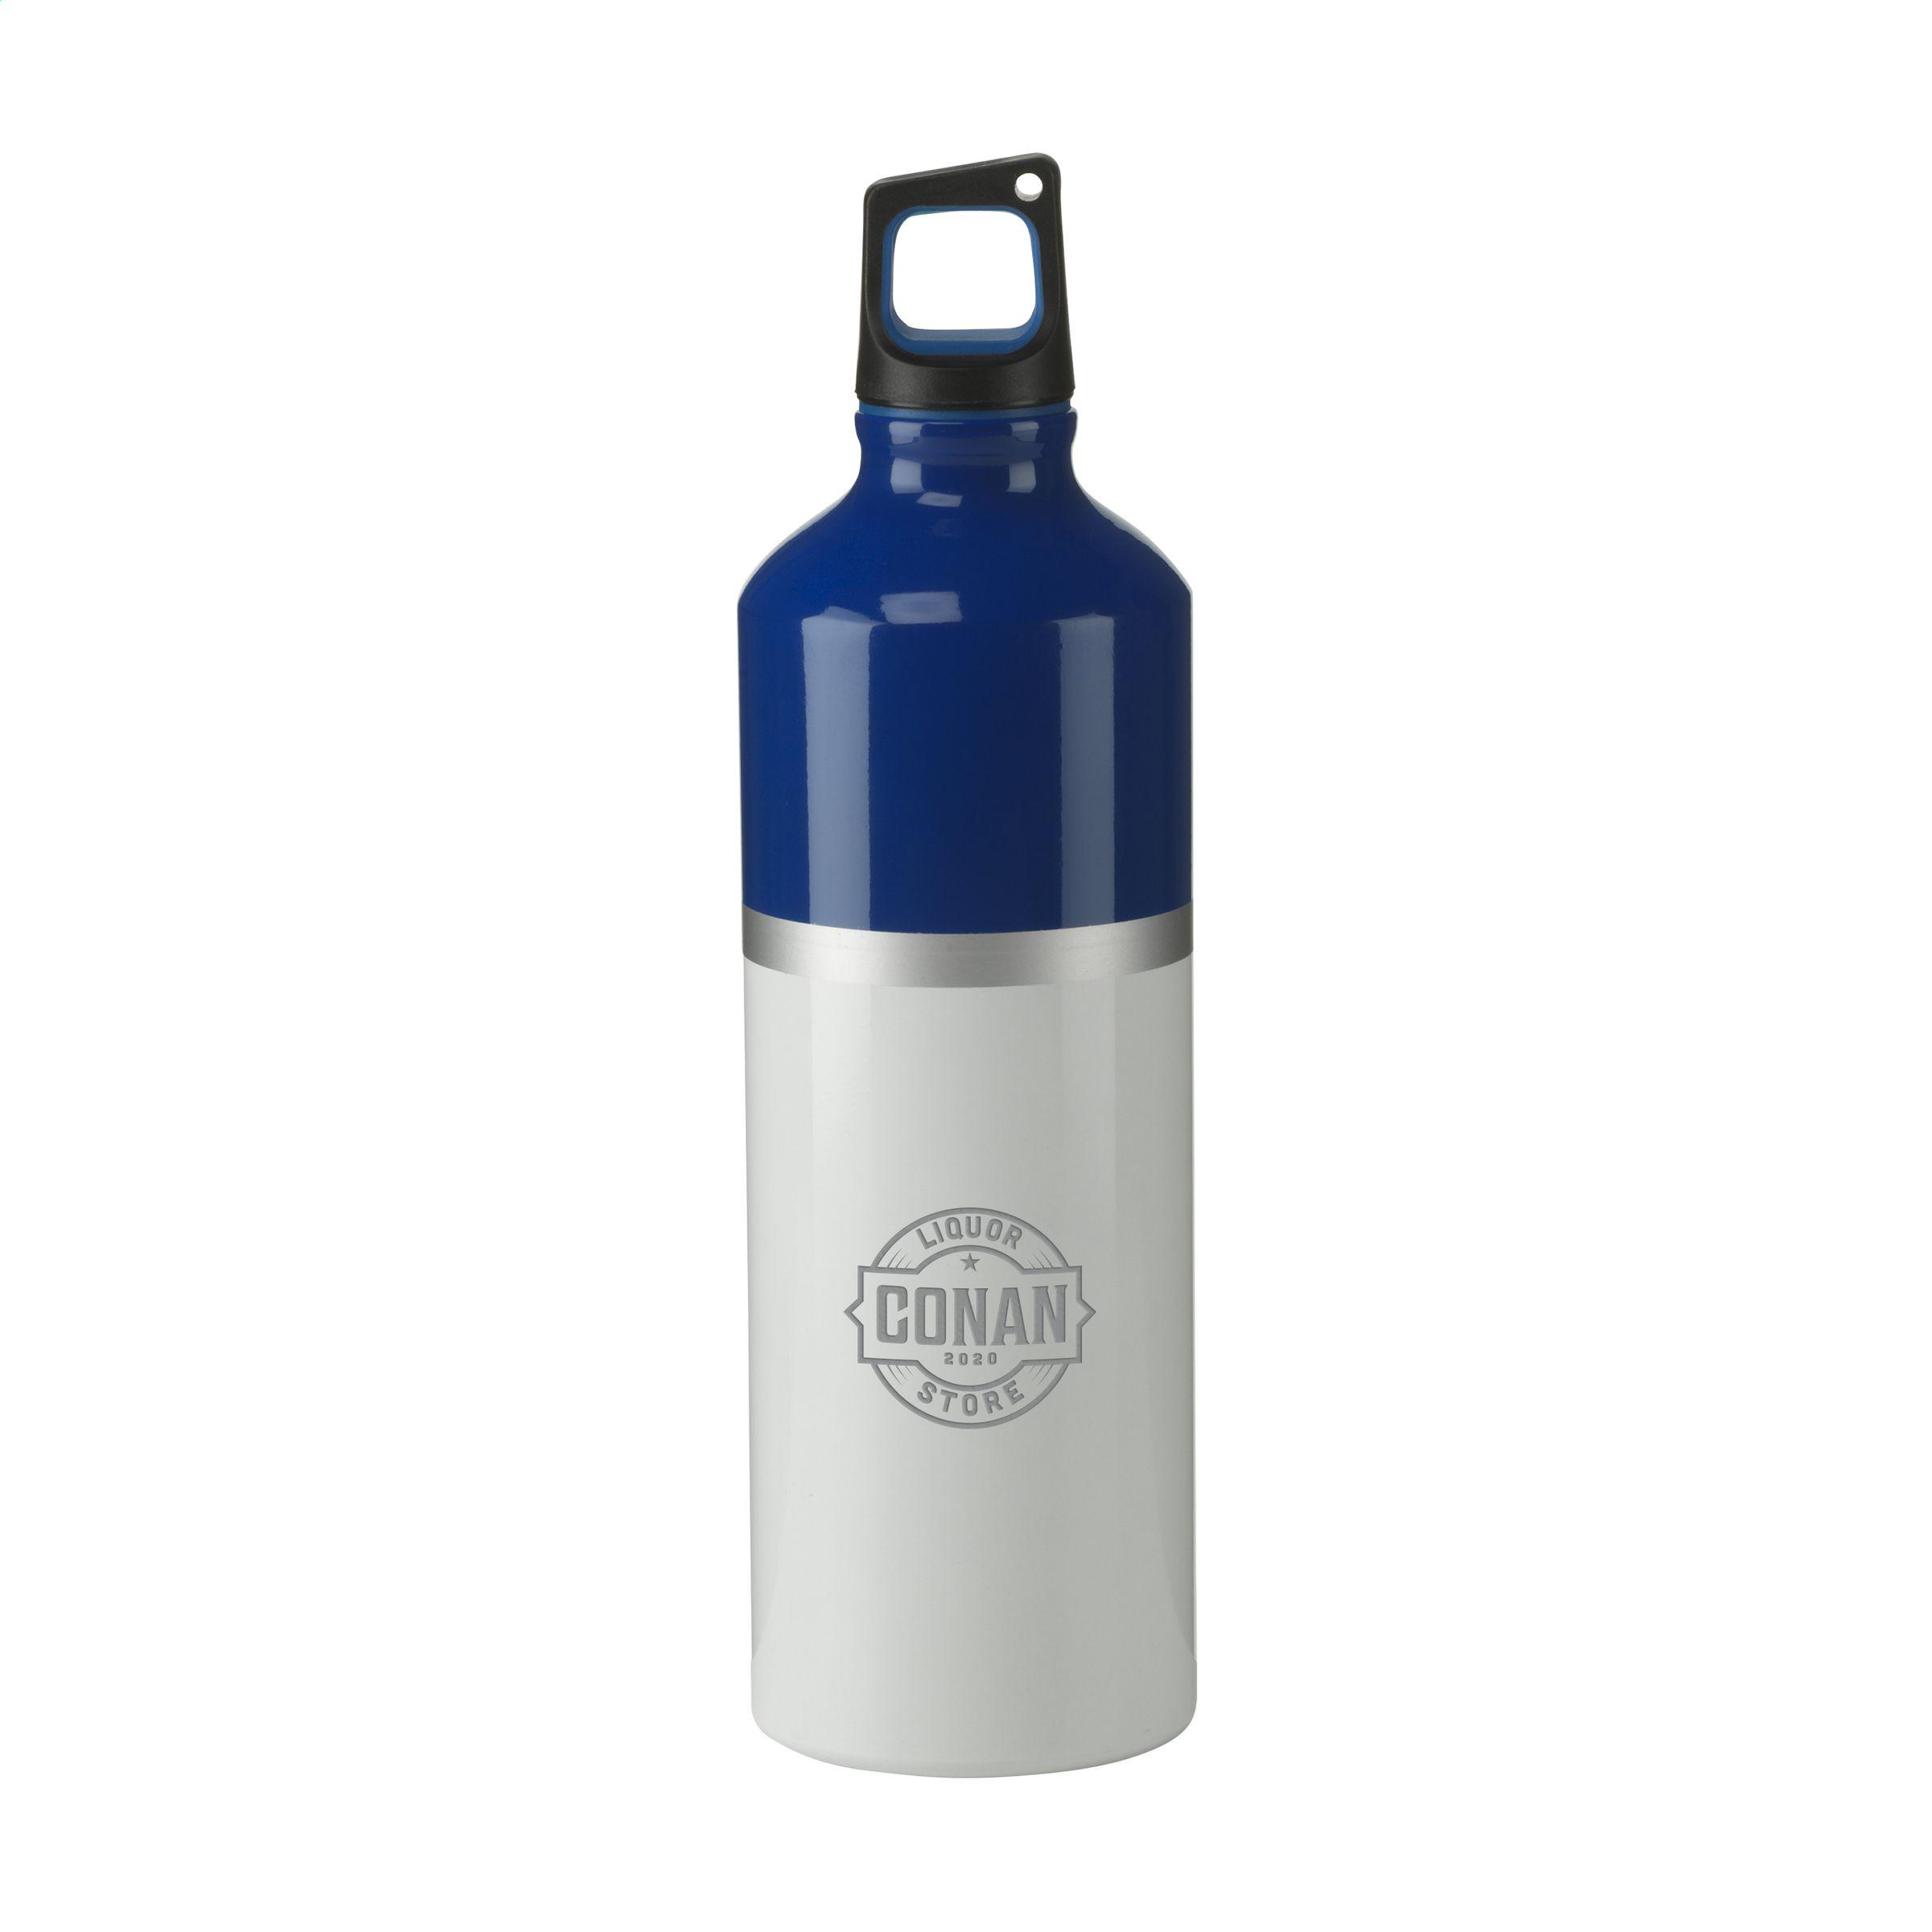 Silverline water bottle